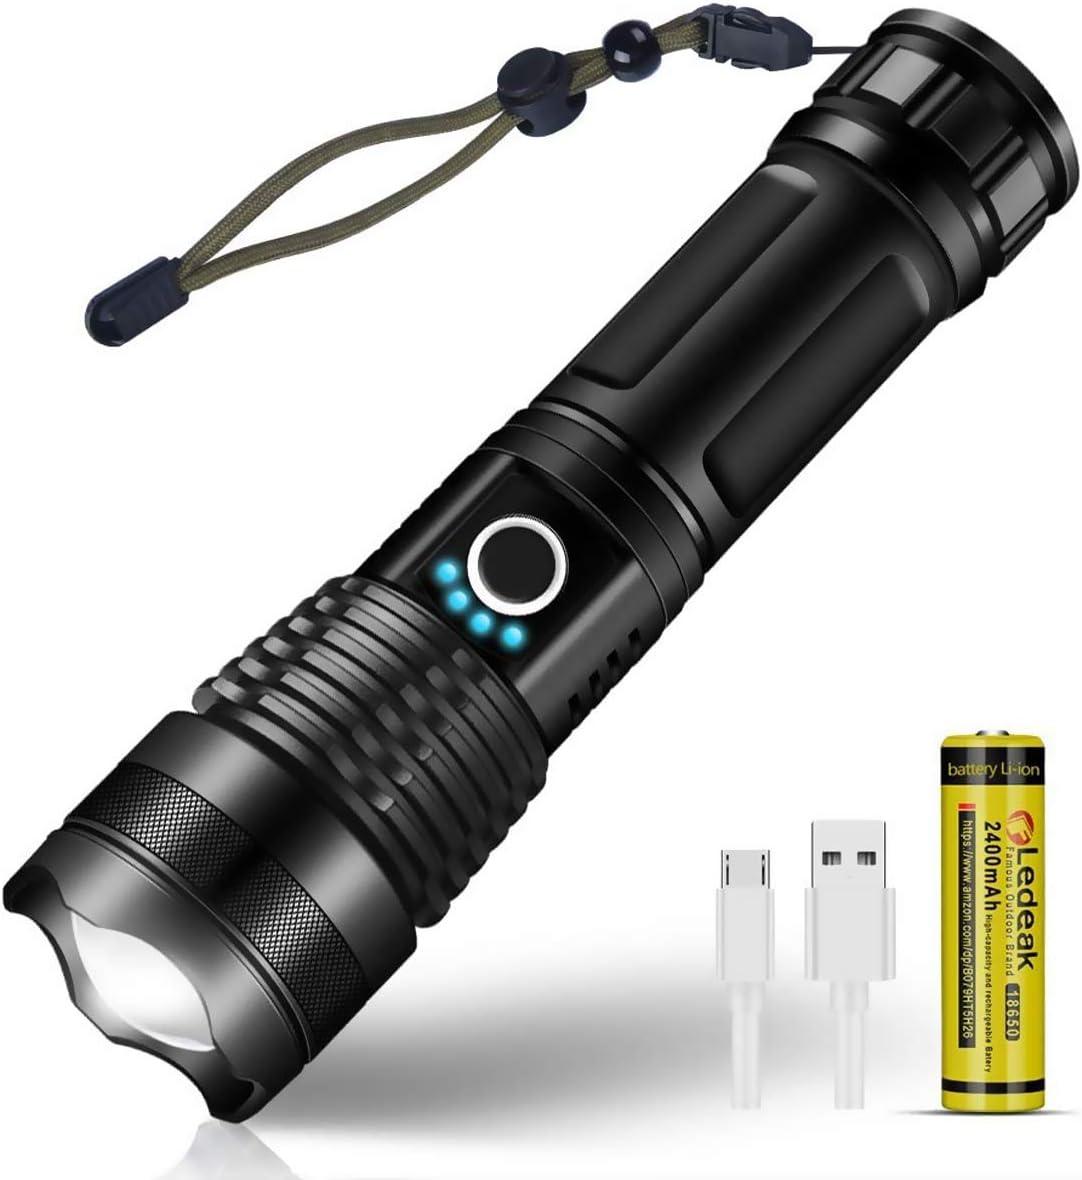 LED Lampe Torche P14 Travail Construction Puissant IPX4 Imperméable Aa Piles